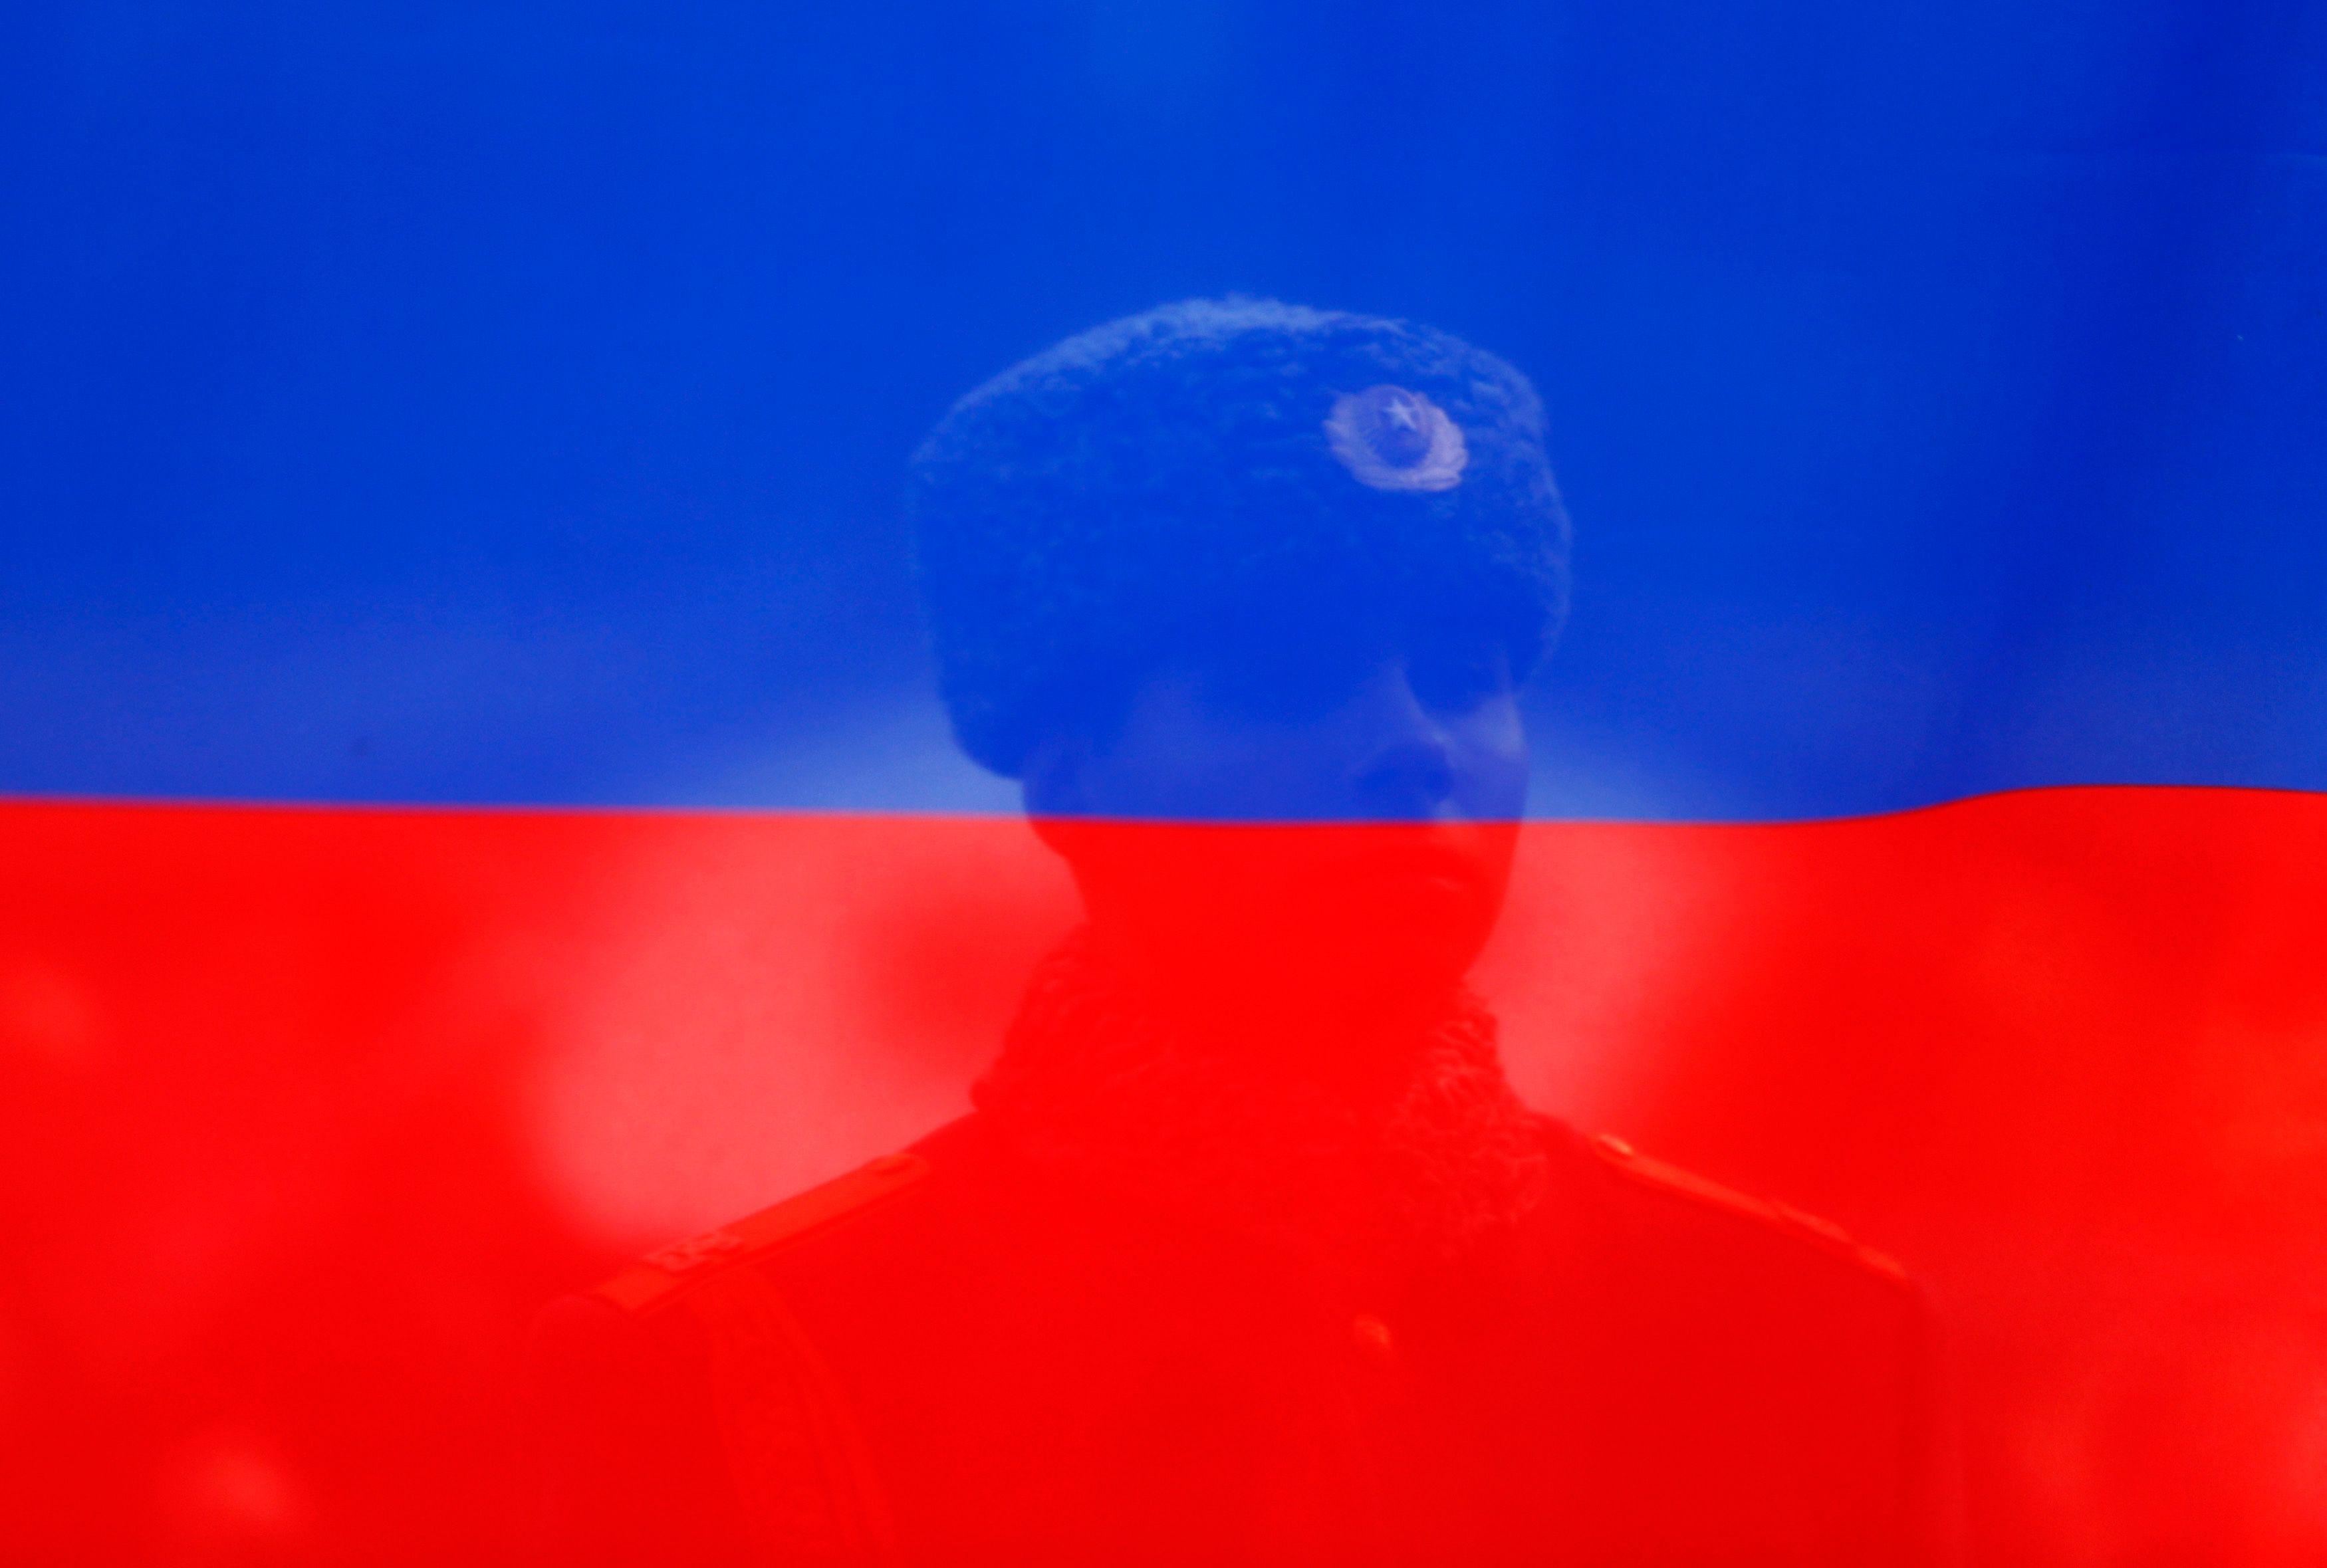 Photo d'illustration / Le drapeau de la Russie avec un soldat russe derrière.